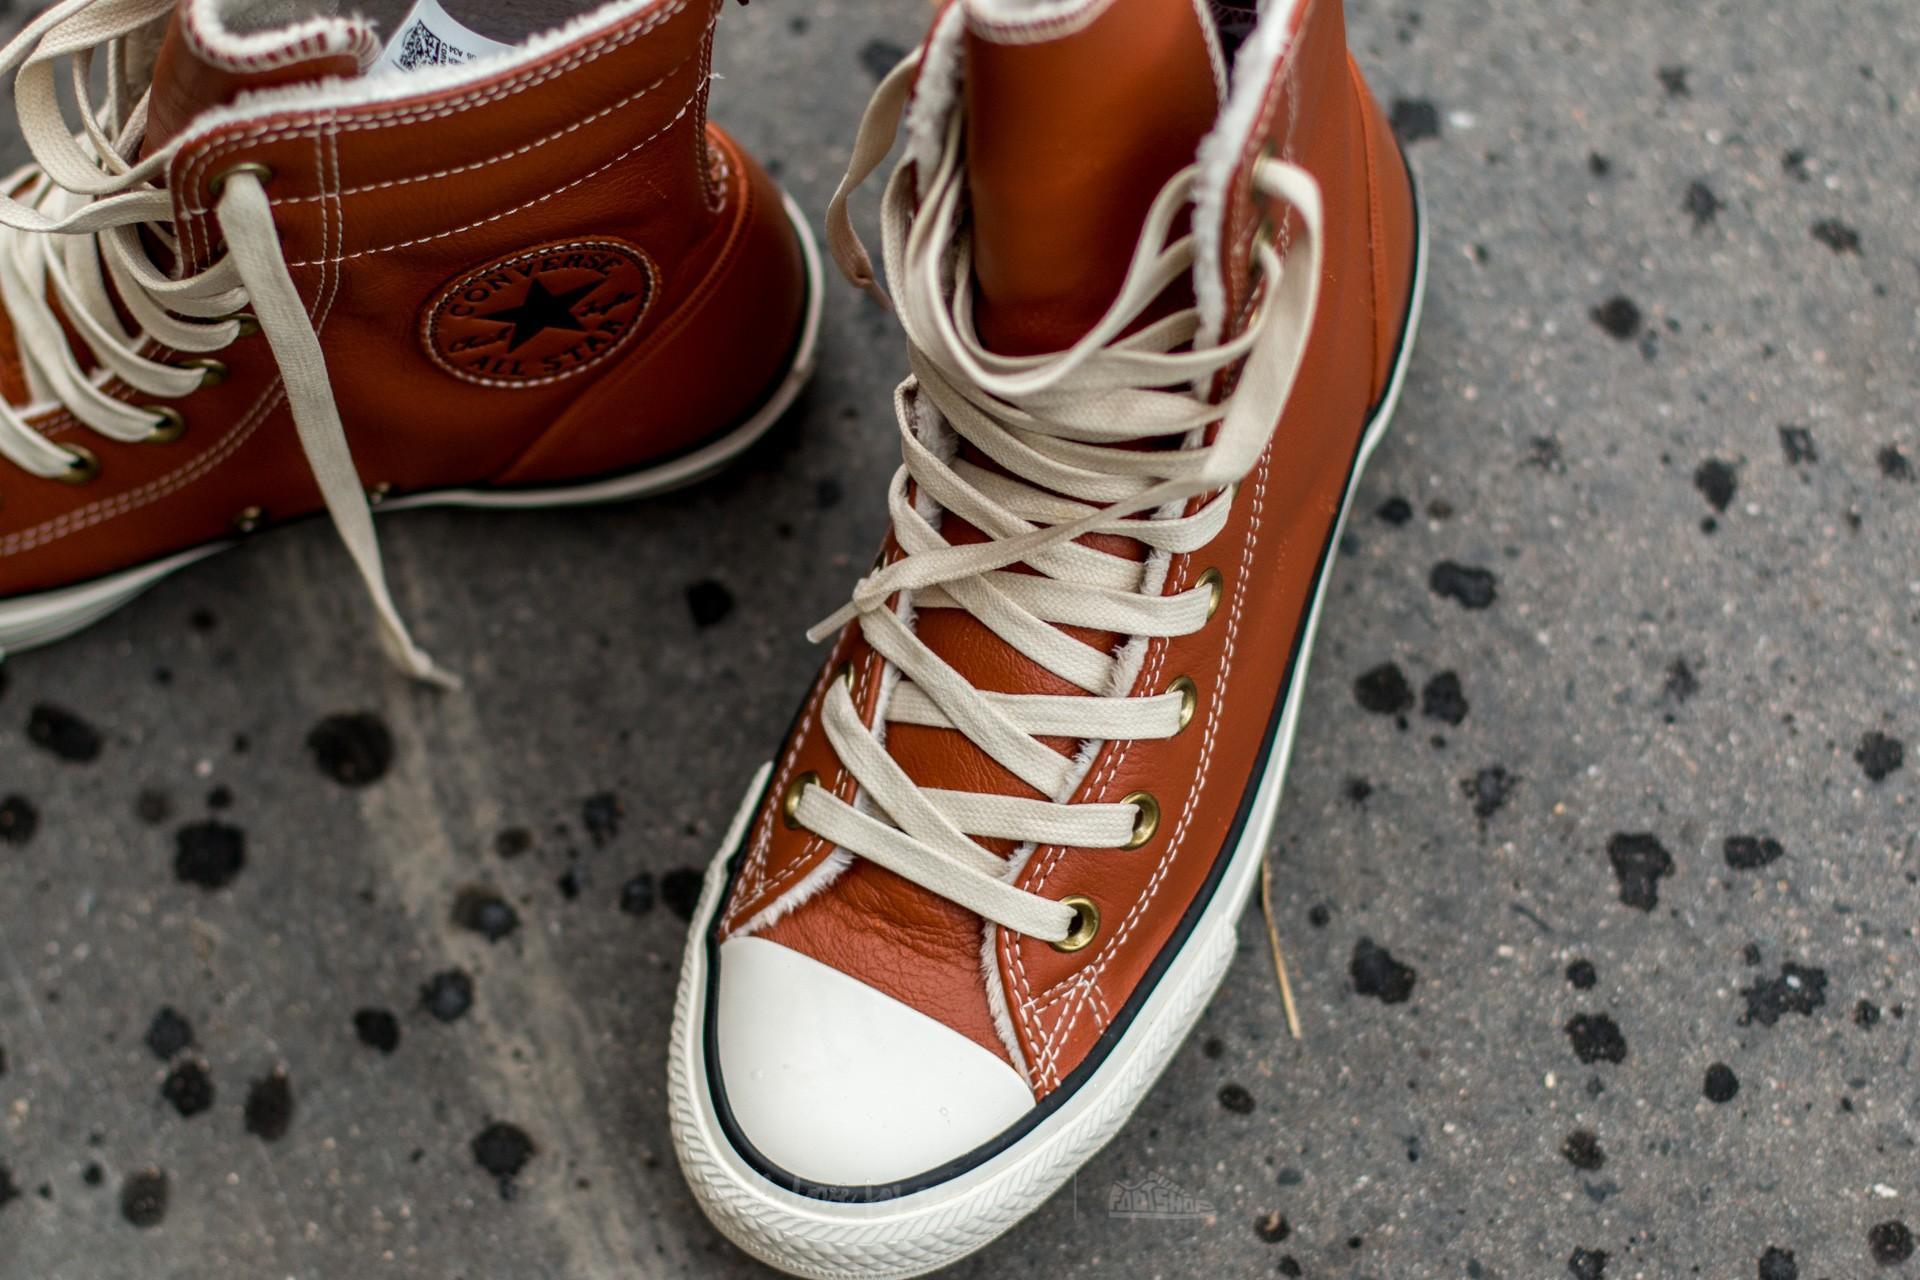 Lyst - Converse Chuck Taylor All Star Hi-rise Boot Leather + Fur ... 0a11f6f61b00f